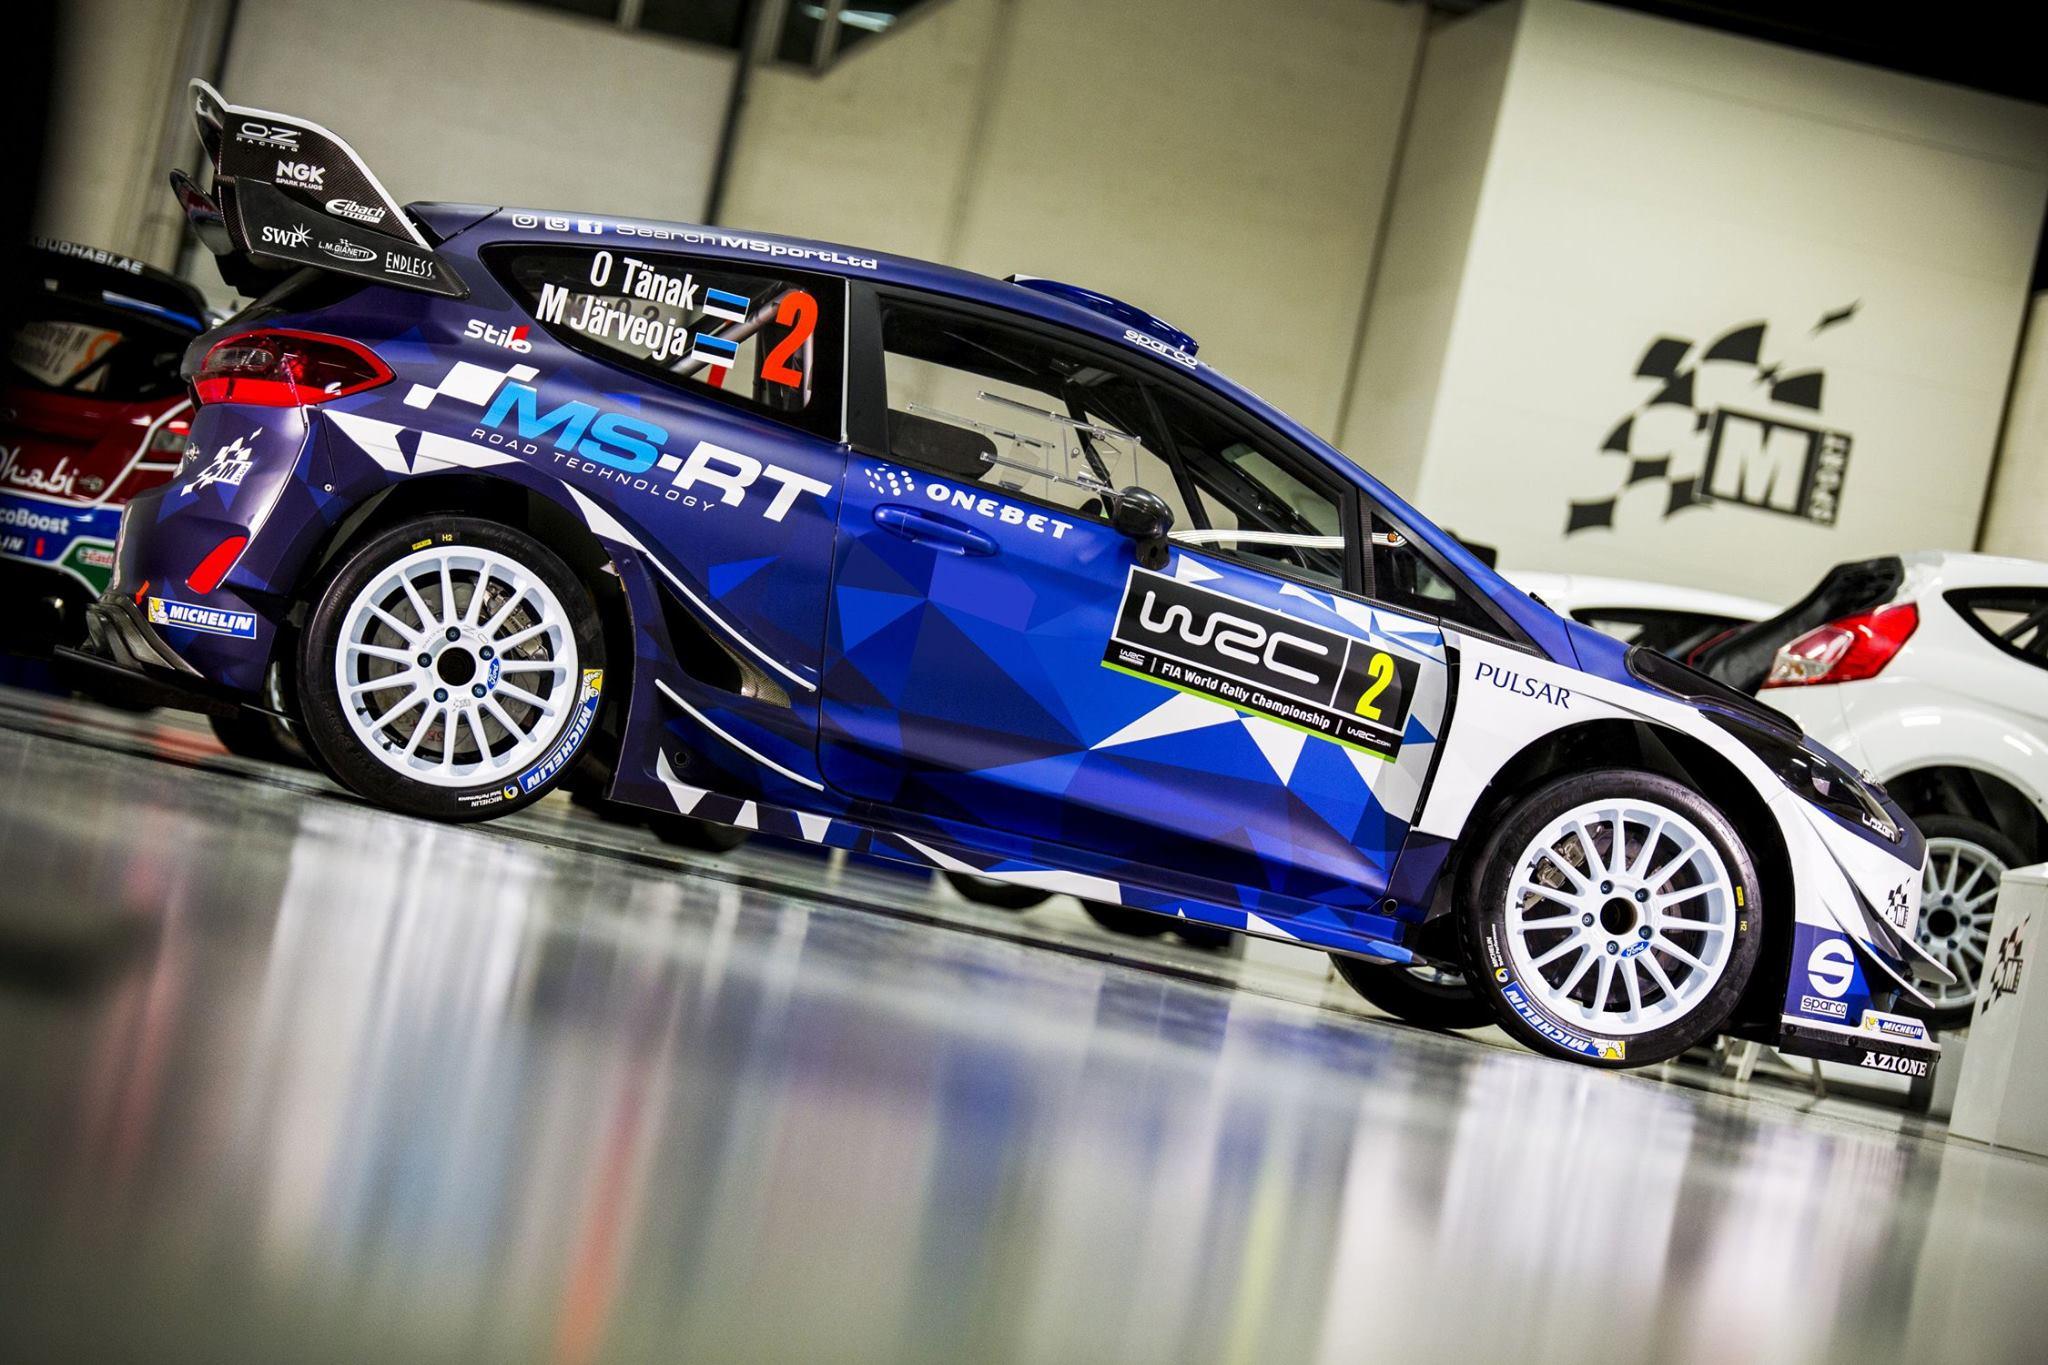 Ford Fiesta WRC 2017 - Ott Tänak